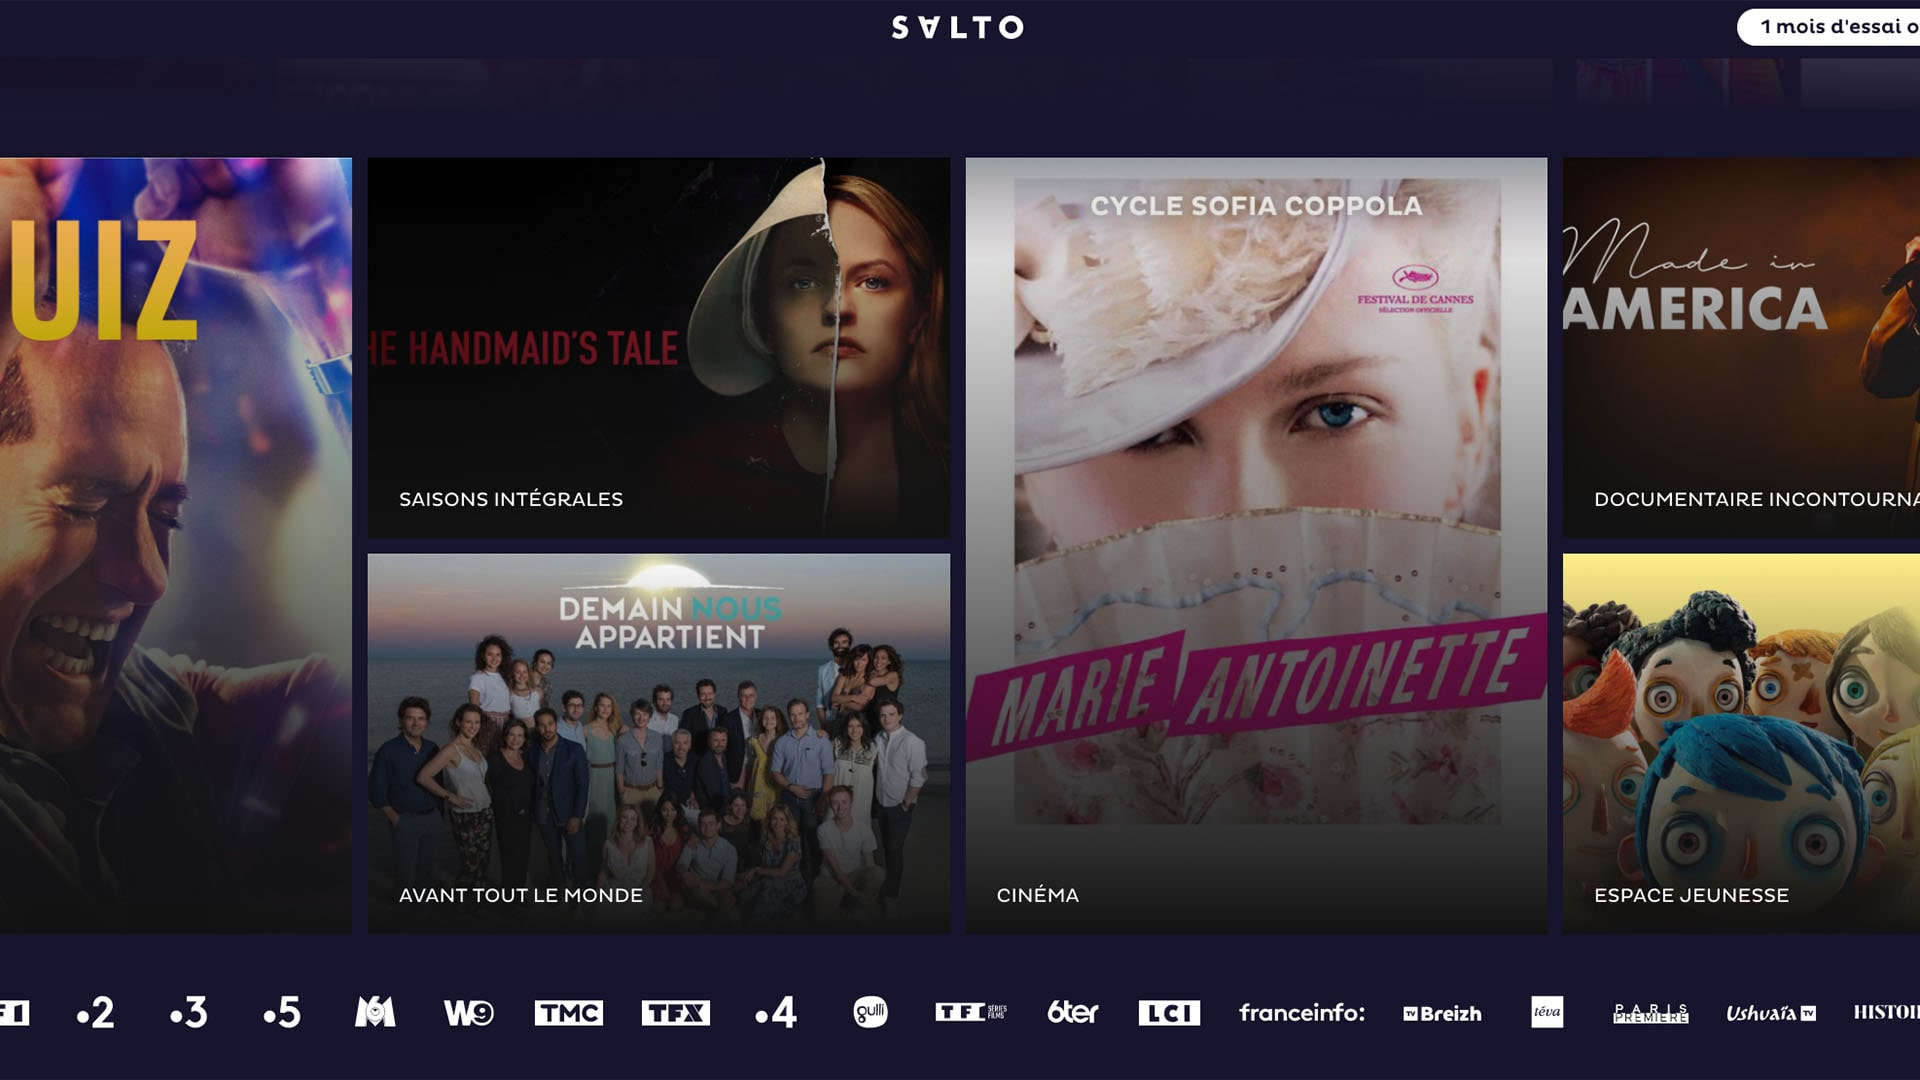 Franska tv-bolag går samman – släpper streamingtjänst